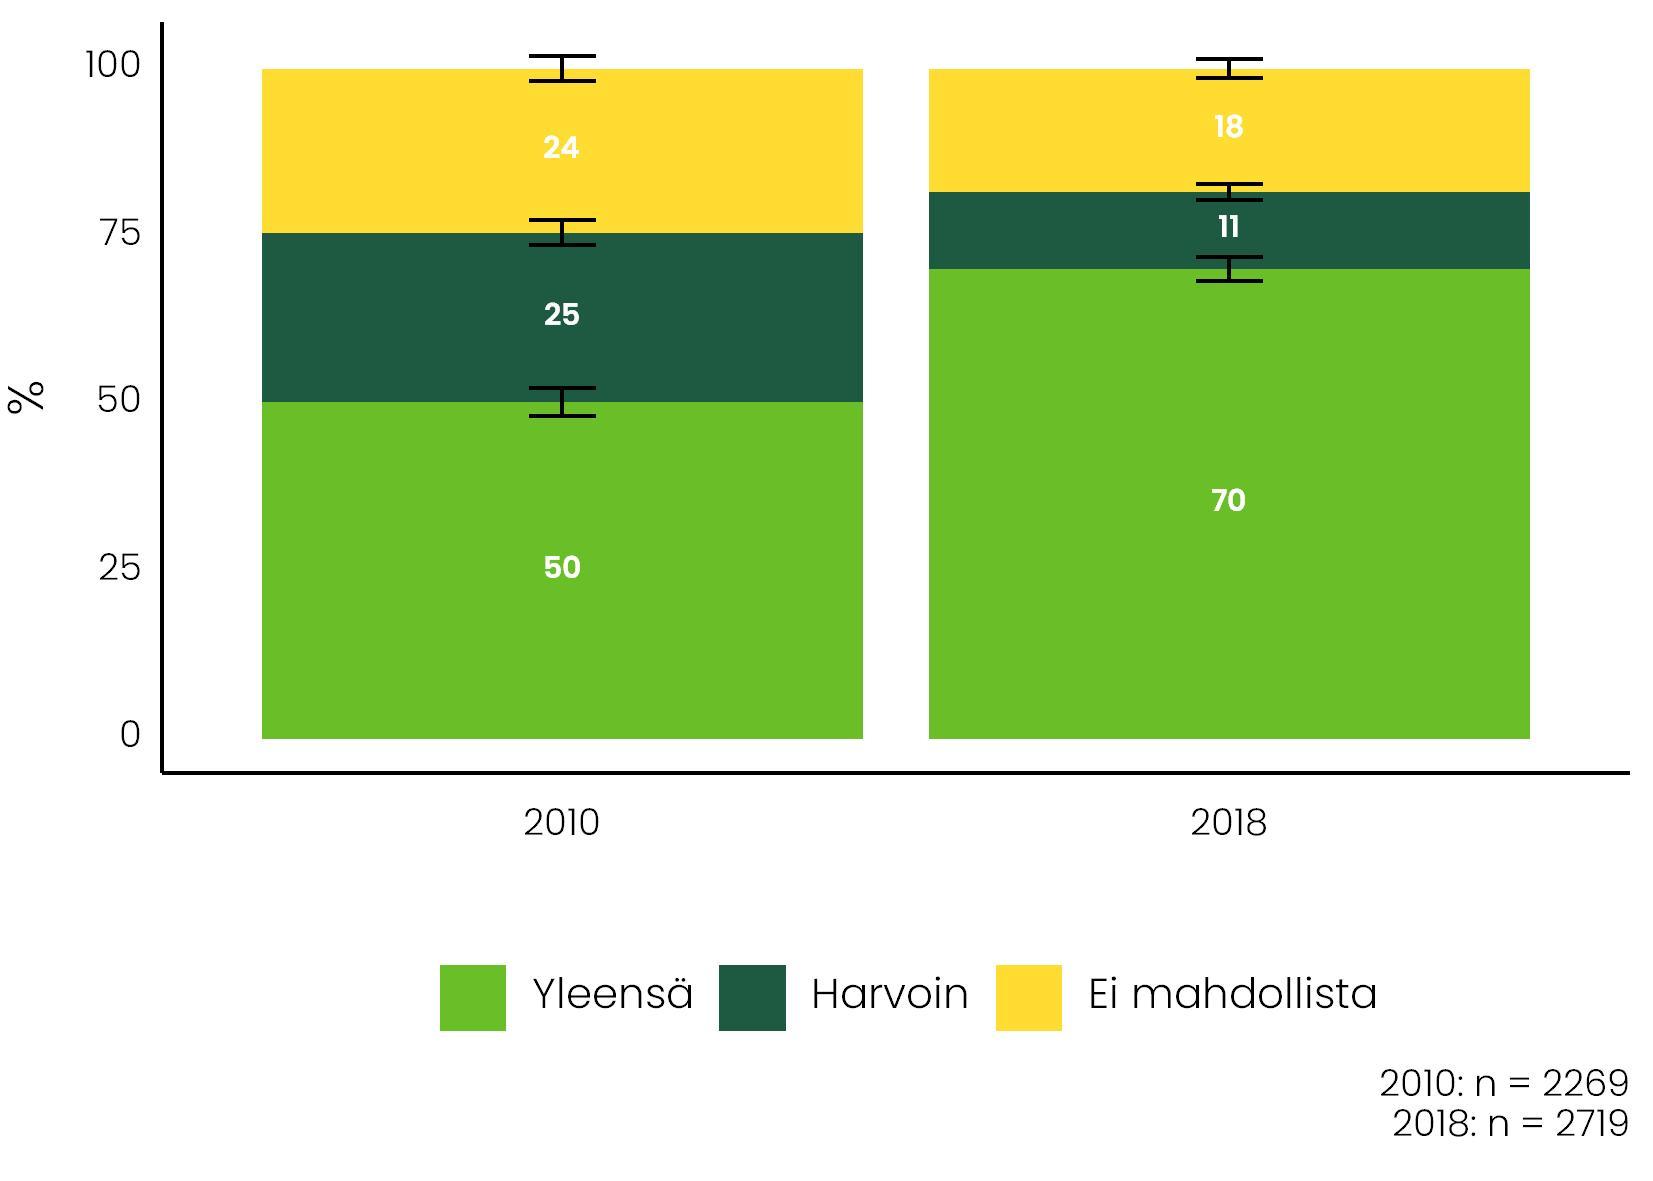 Kuviossa vertaillaan sitä, miten työllisten vanhempien joustomahdollisuudet ovat muuttuneet vuodesta 2010 vuoteen 2018. Tiedot tekstissä.